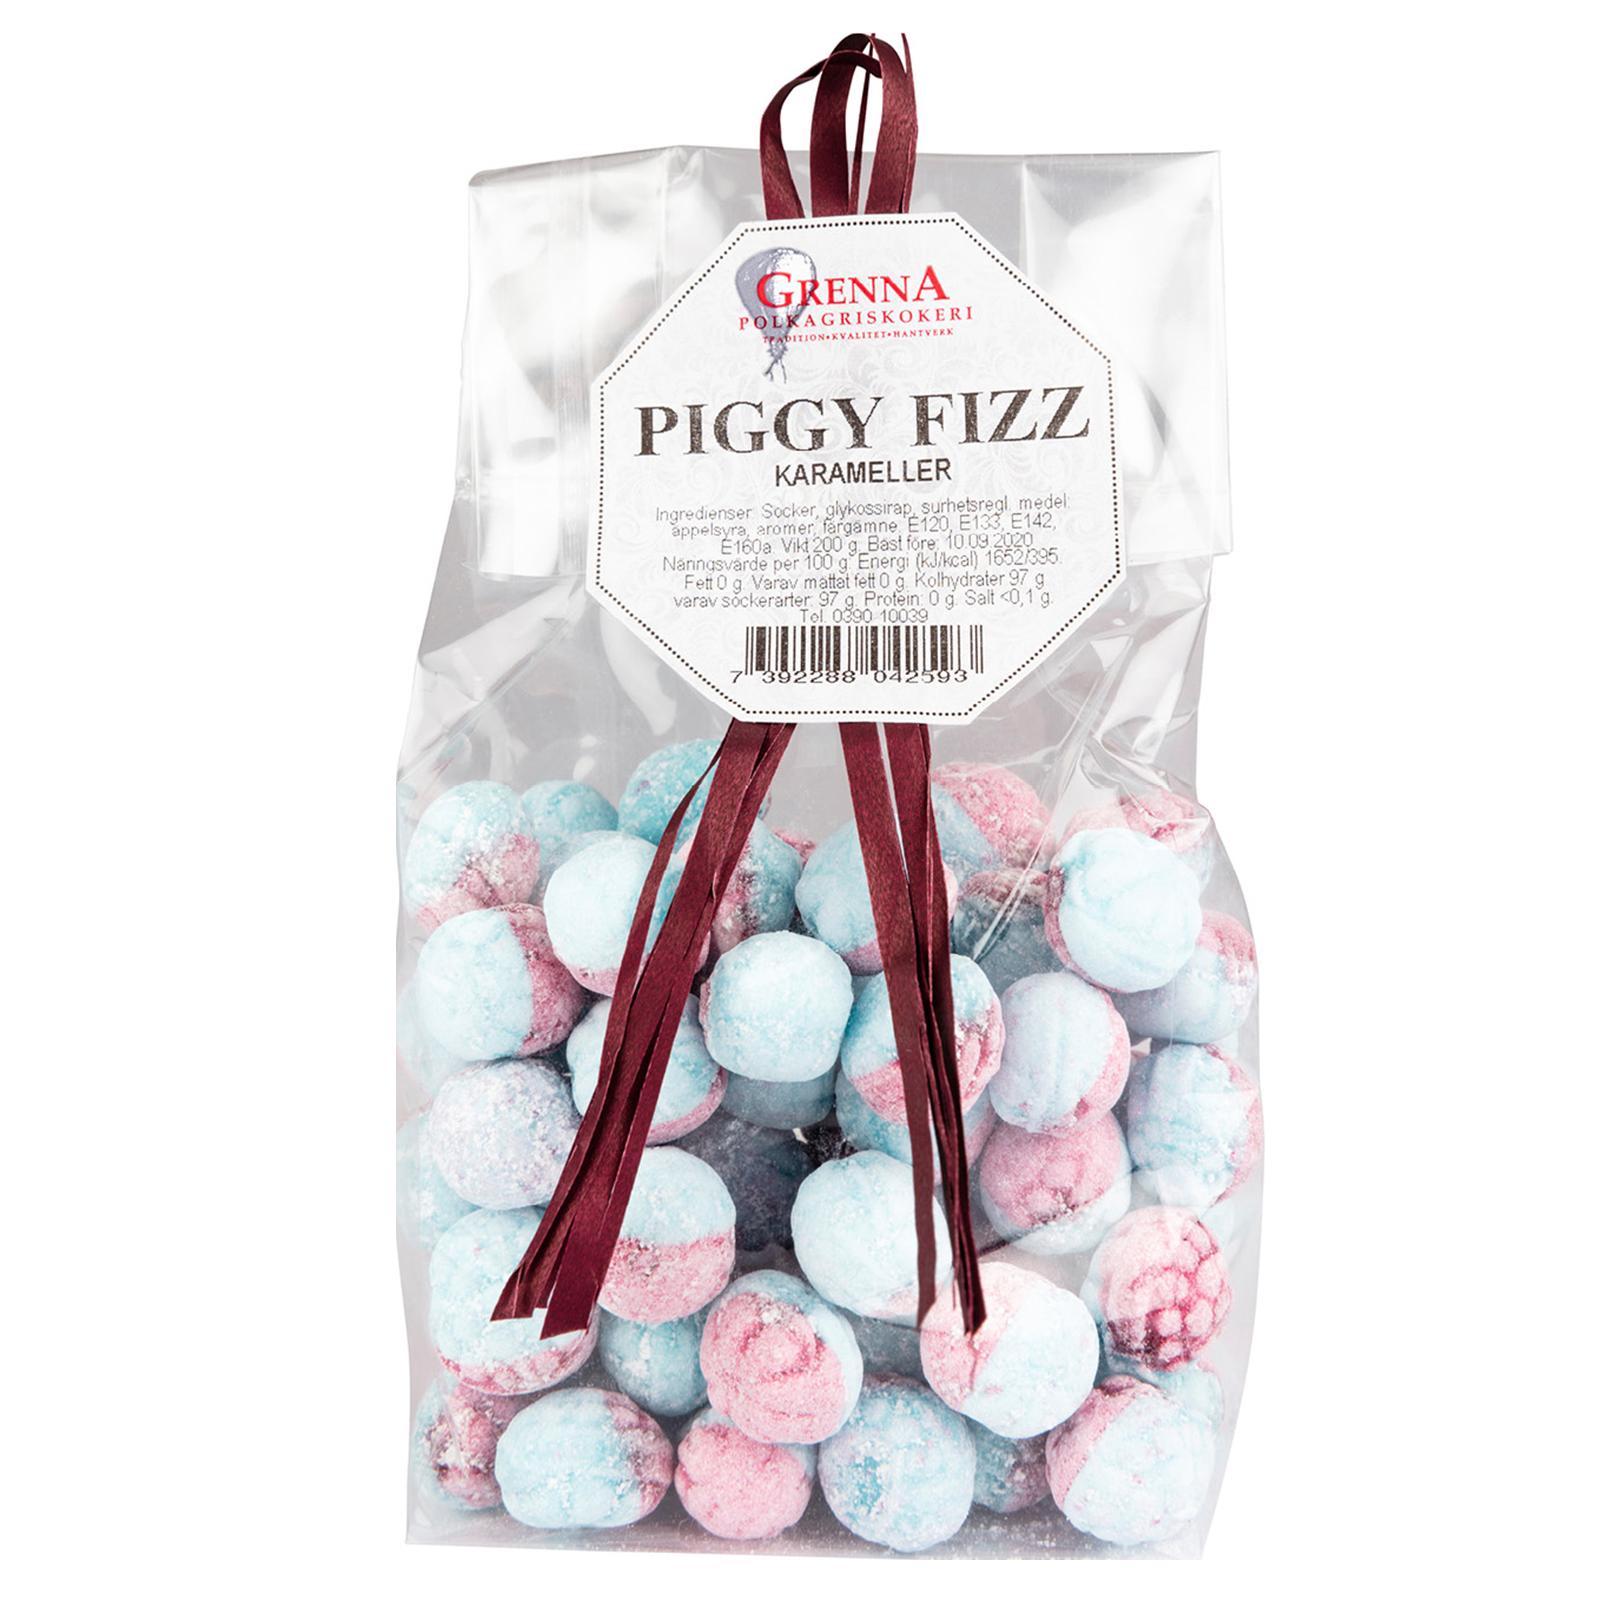 Sour Bubblegum sweets